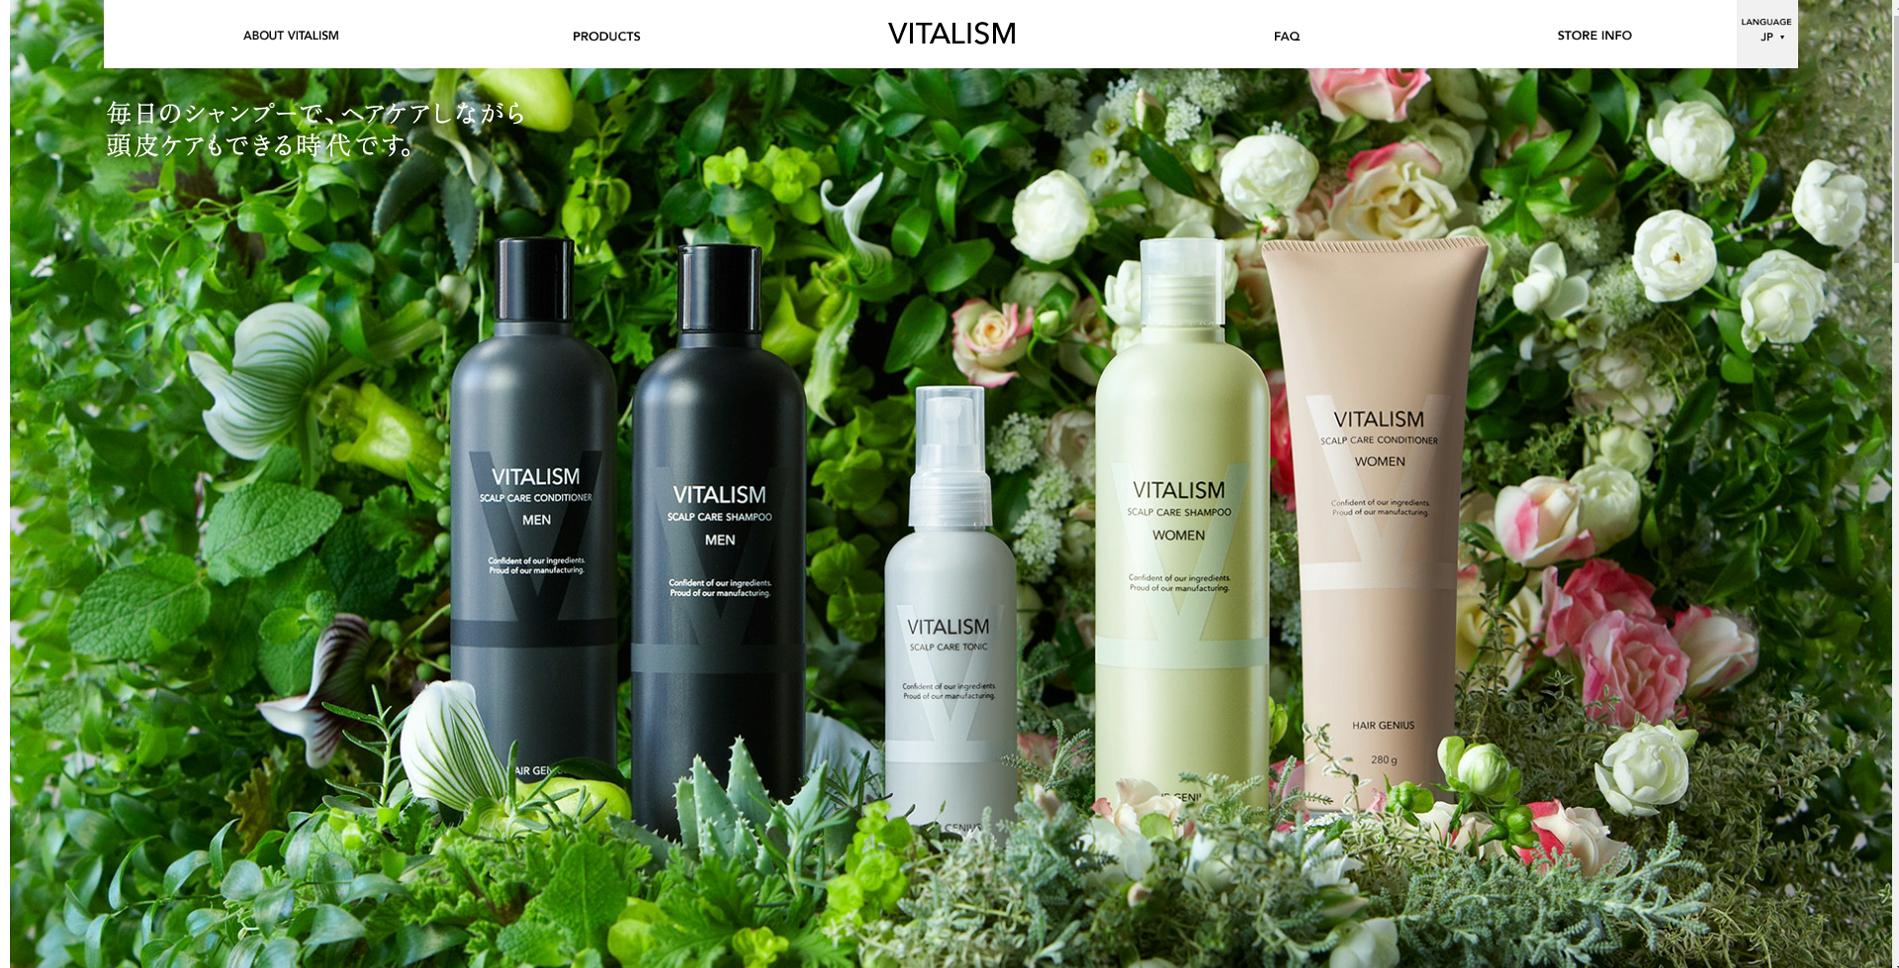 VITALISM バイタリズムの公式ホームページのトップのスクリーンショット